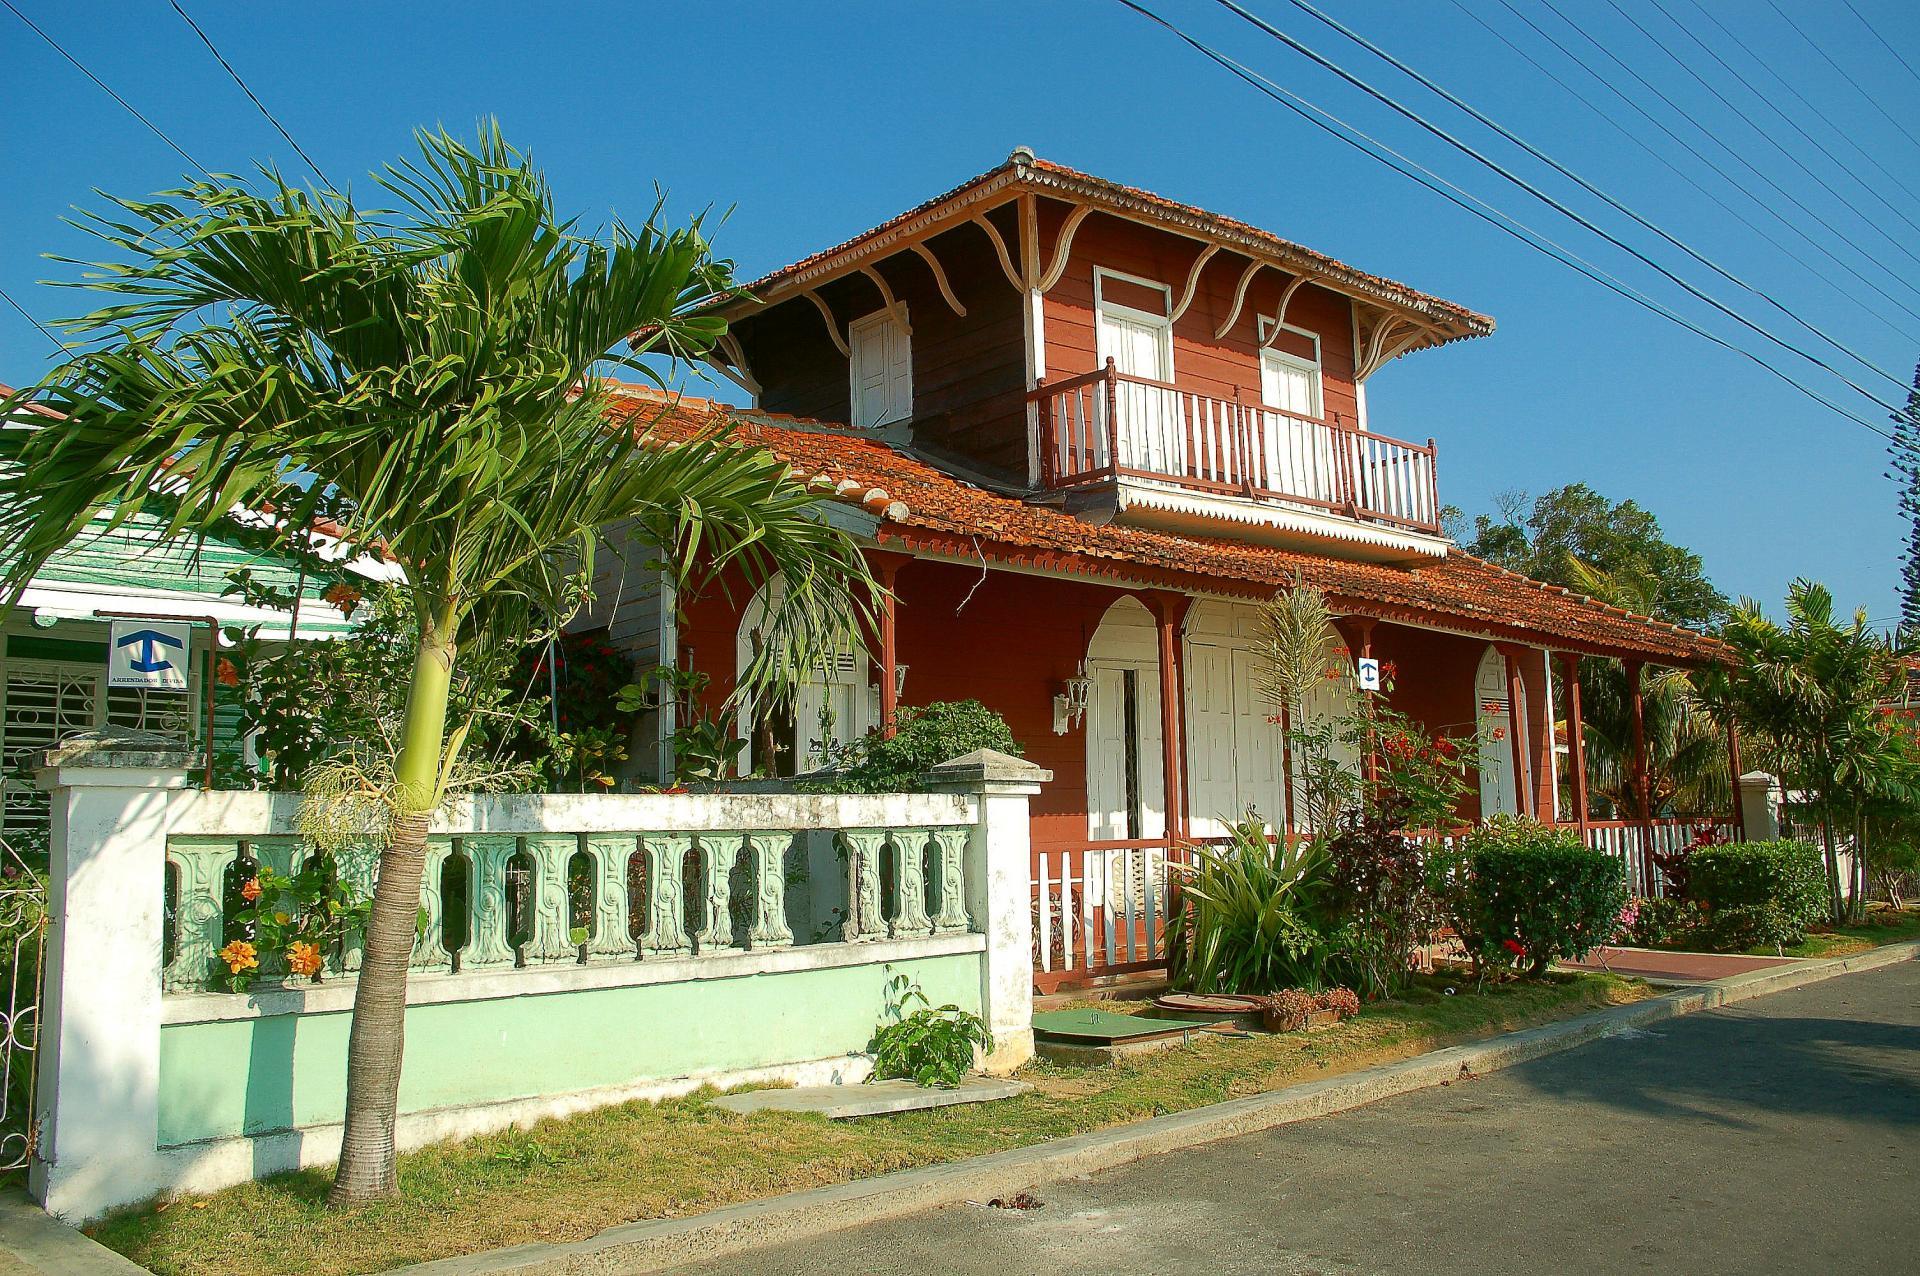 Une maison coloniale